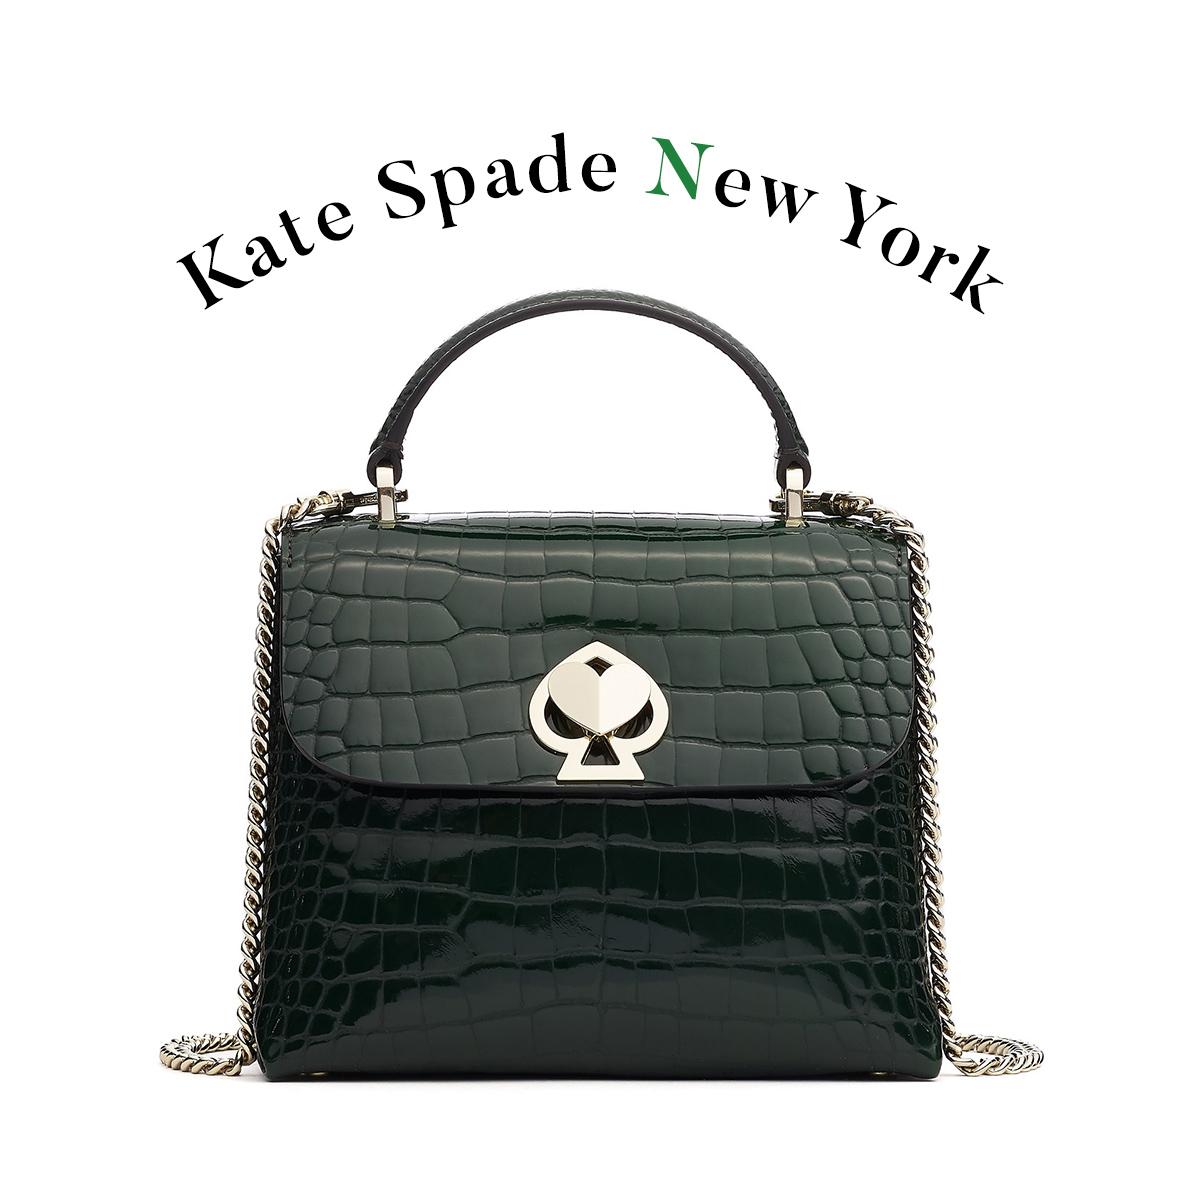 可愛さも秘めたノーブルなバッグ【ケイト・スペード ニューヨーク】